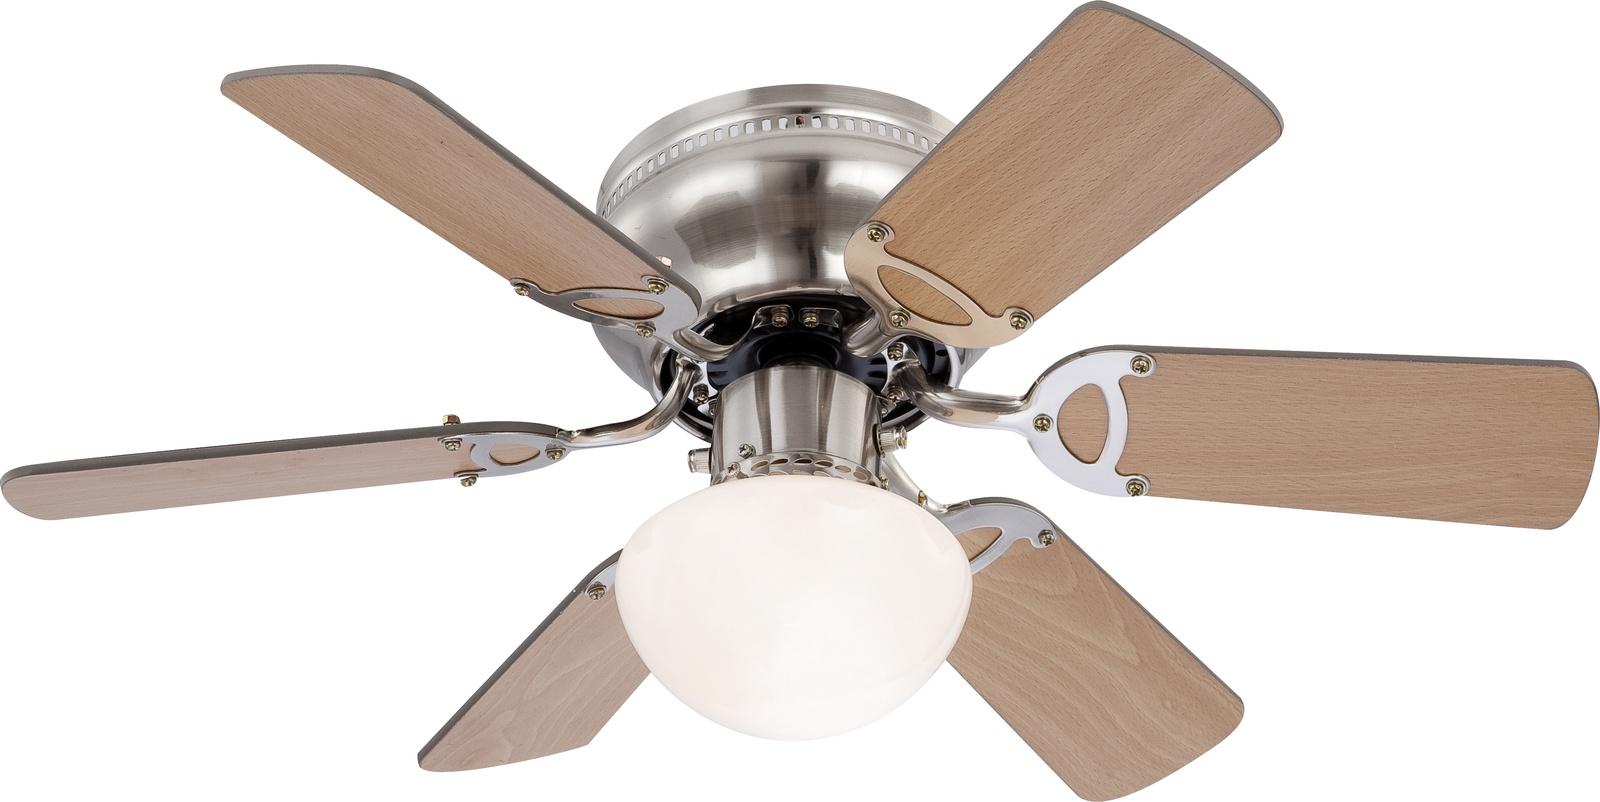 Потолочный светильник Globo Ugo, серый потолочный светильник globo new 0332 серый металлик